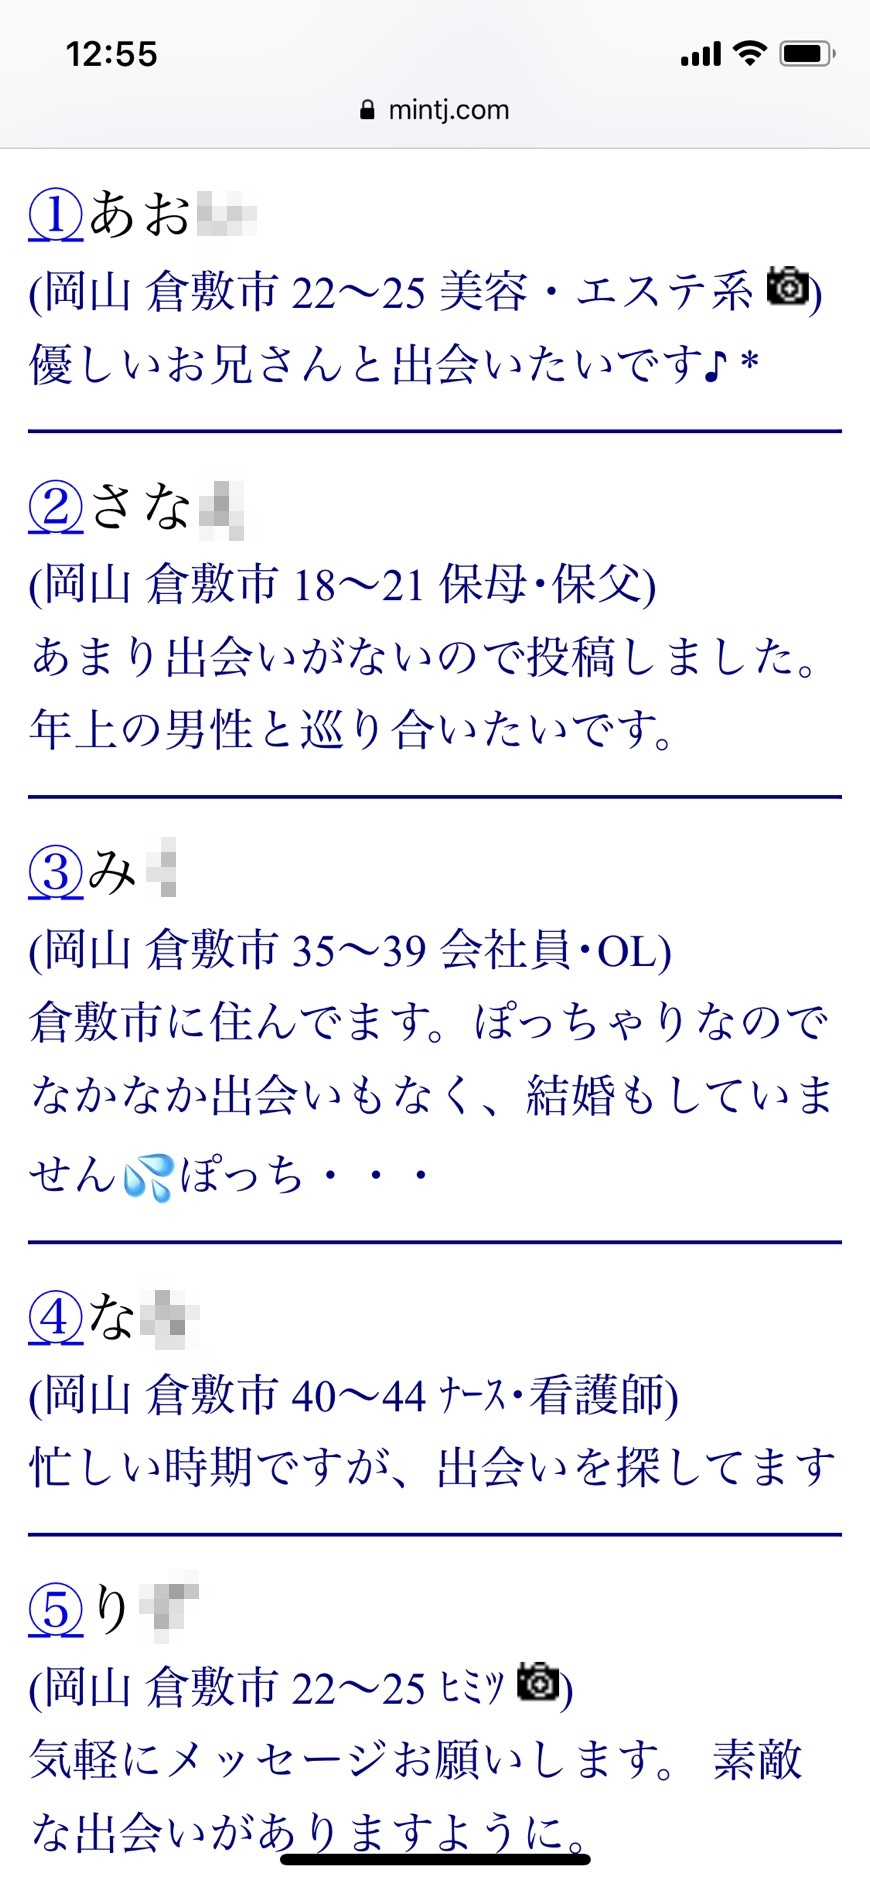 倉敷・出会い希望(Jメール)